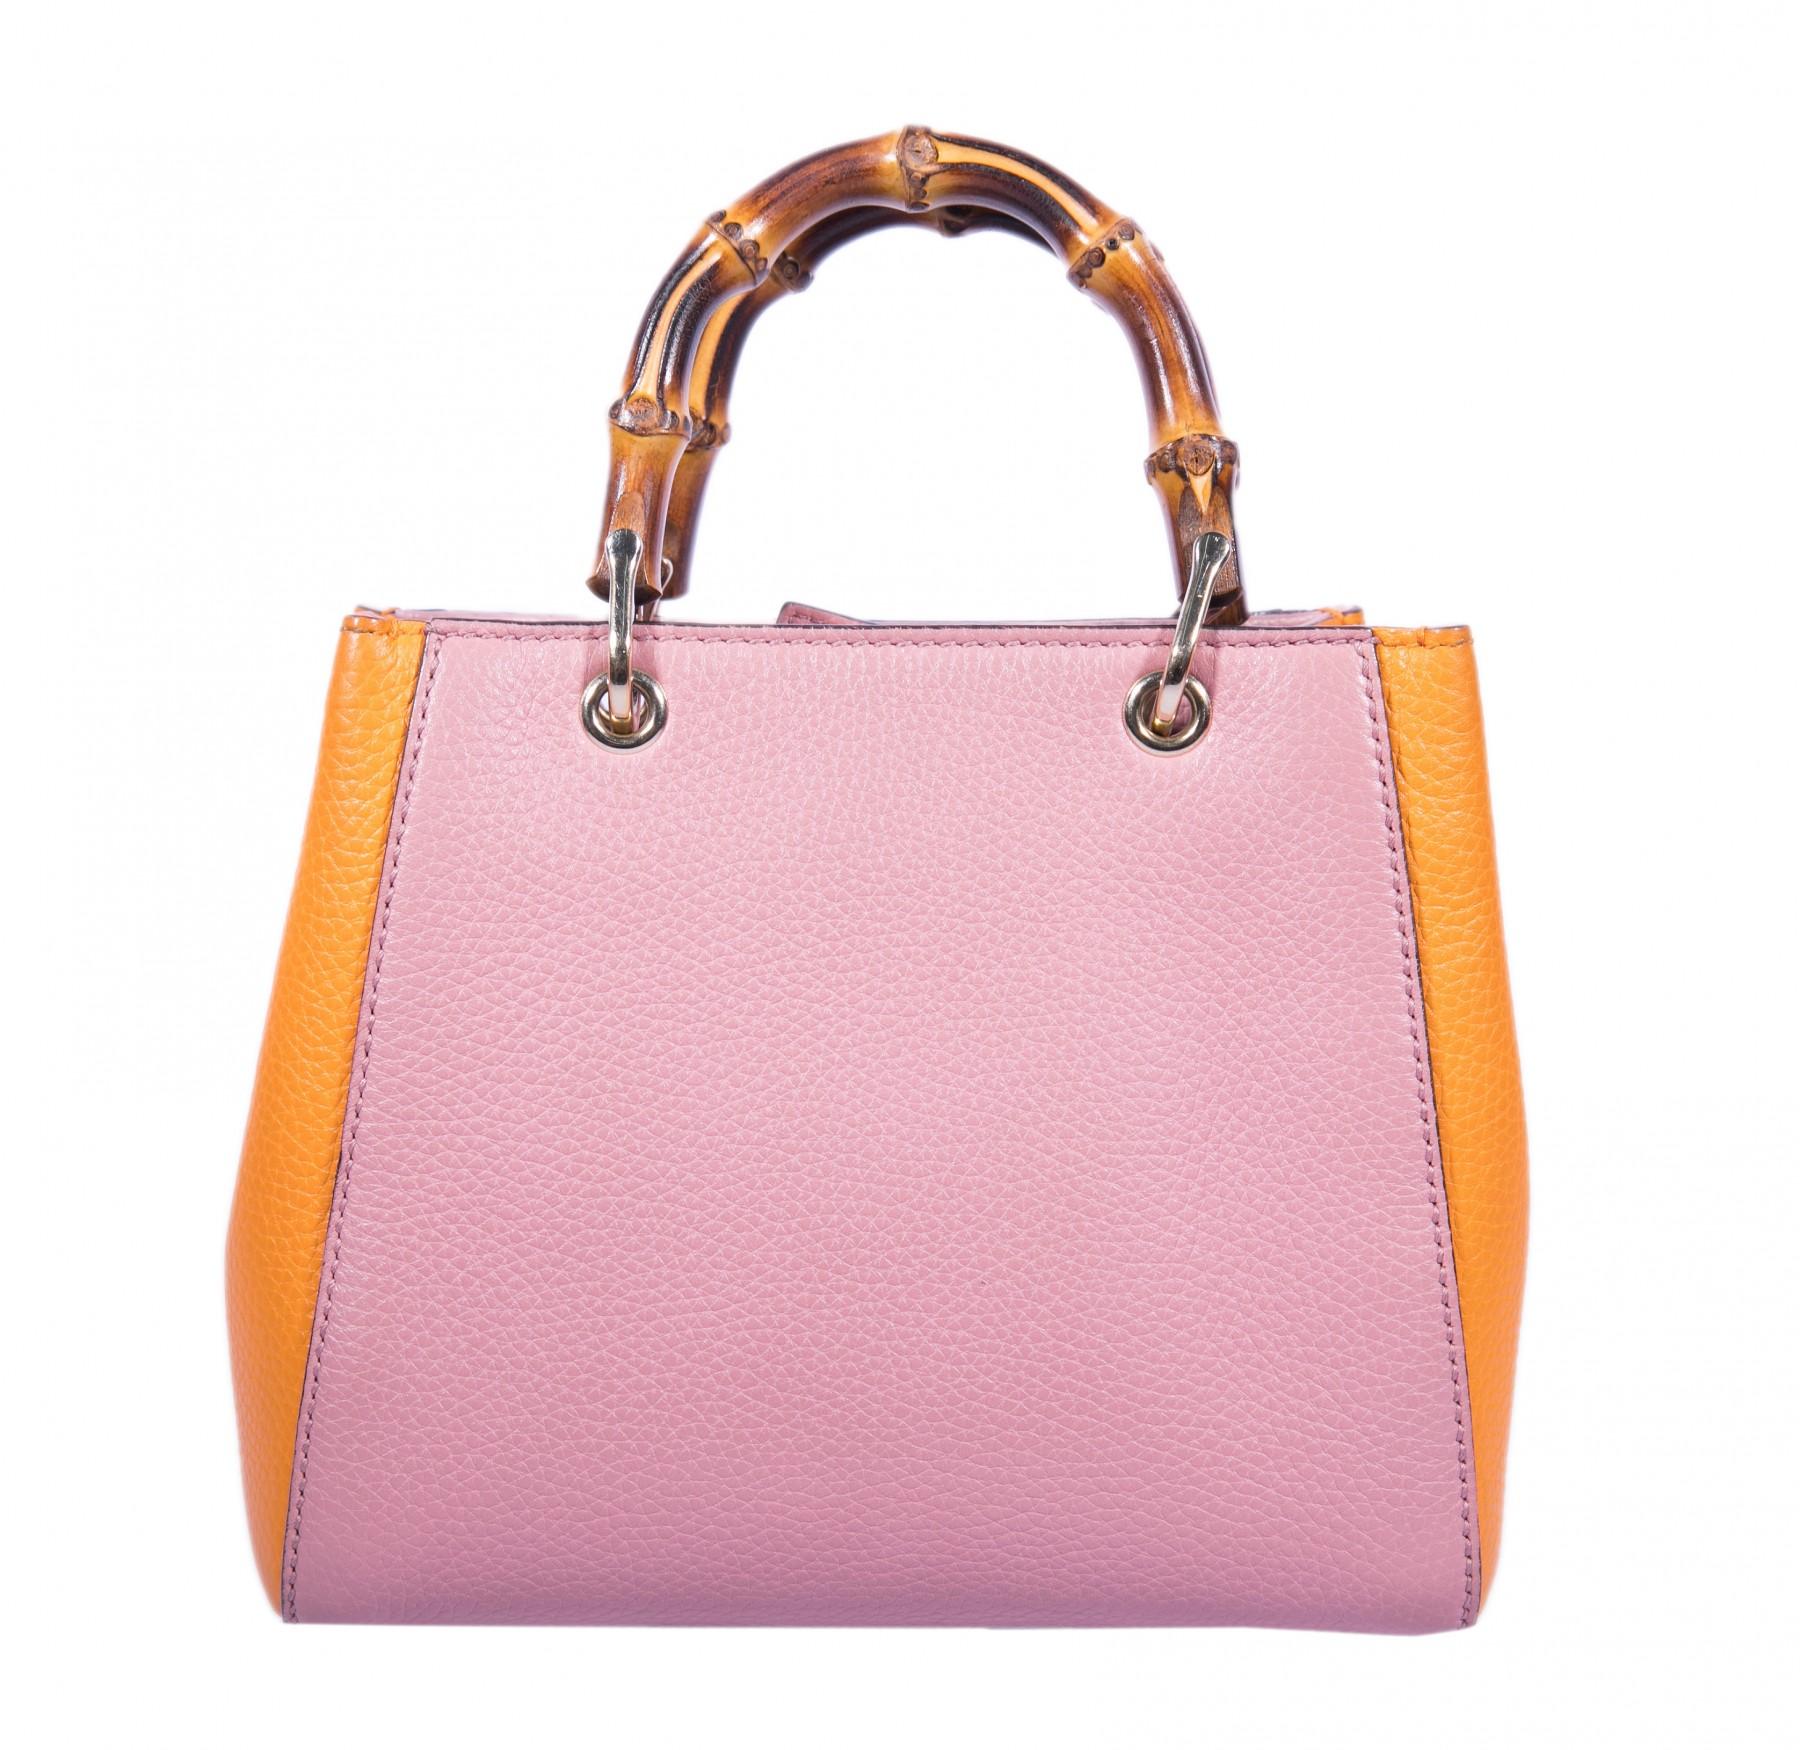 a3a67c2325c9 Gucci Pink Orange Mini Bamboo Shopper Tote